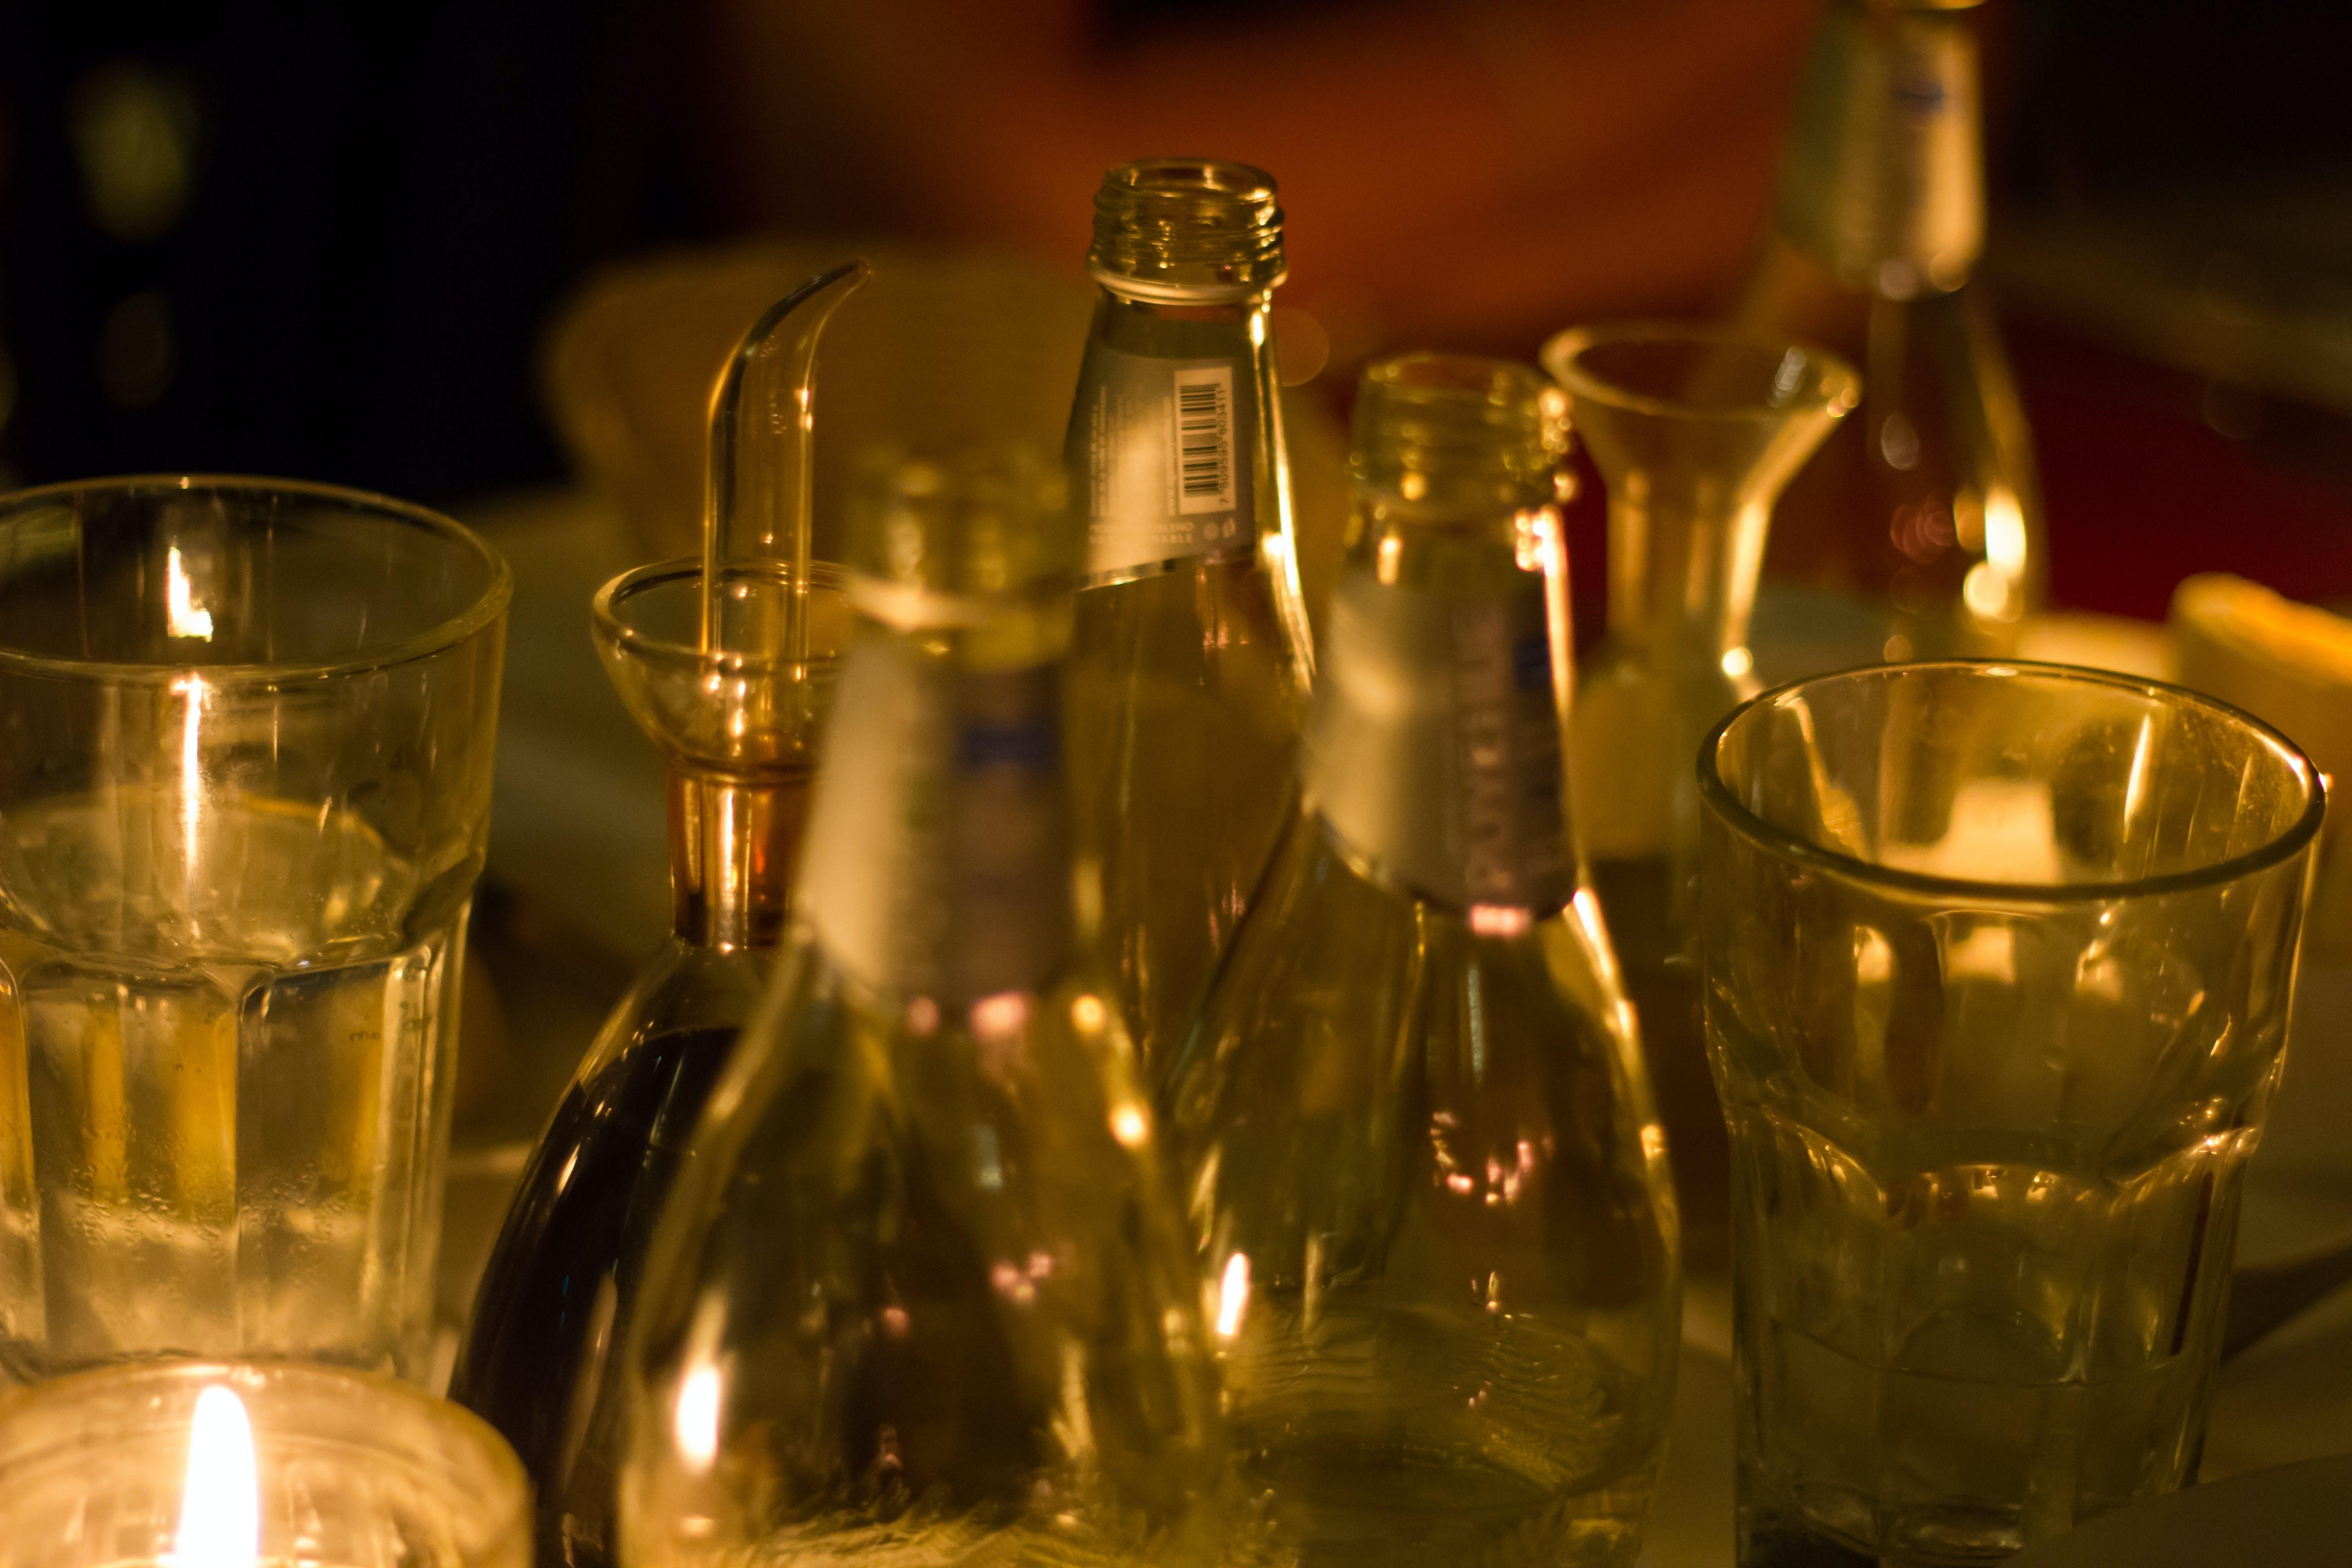 Kostenloses Stock Foto zu abendessen, flaschen, glas, kerzenlicht